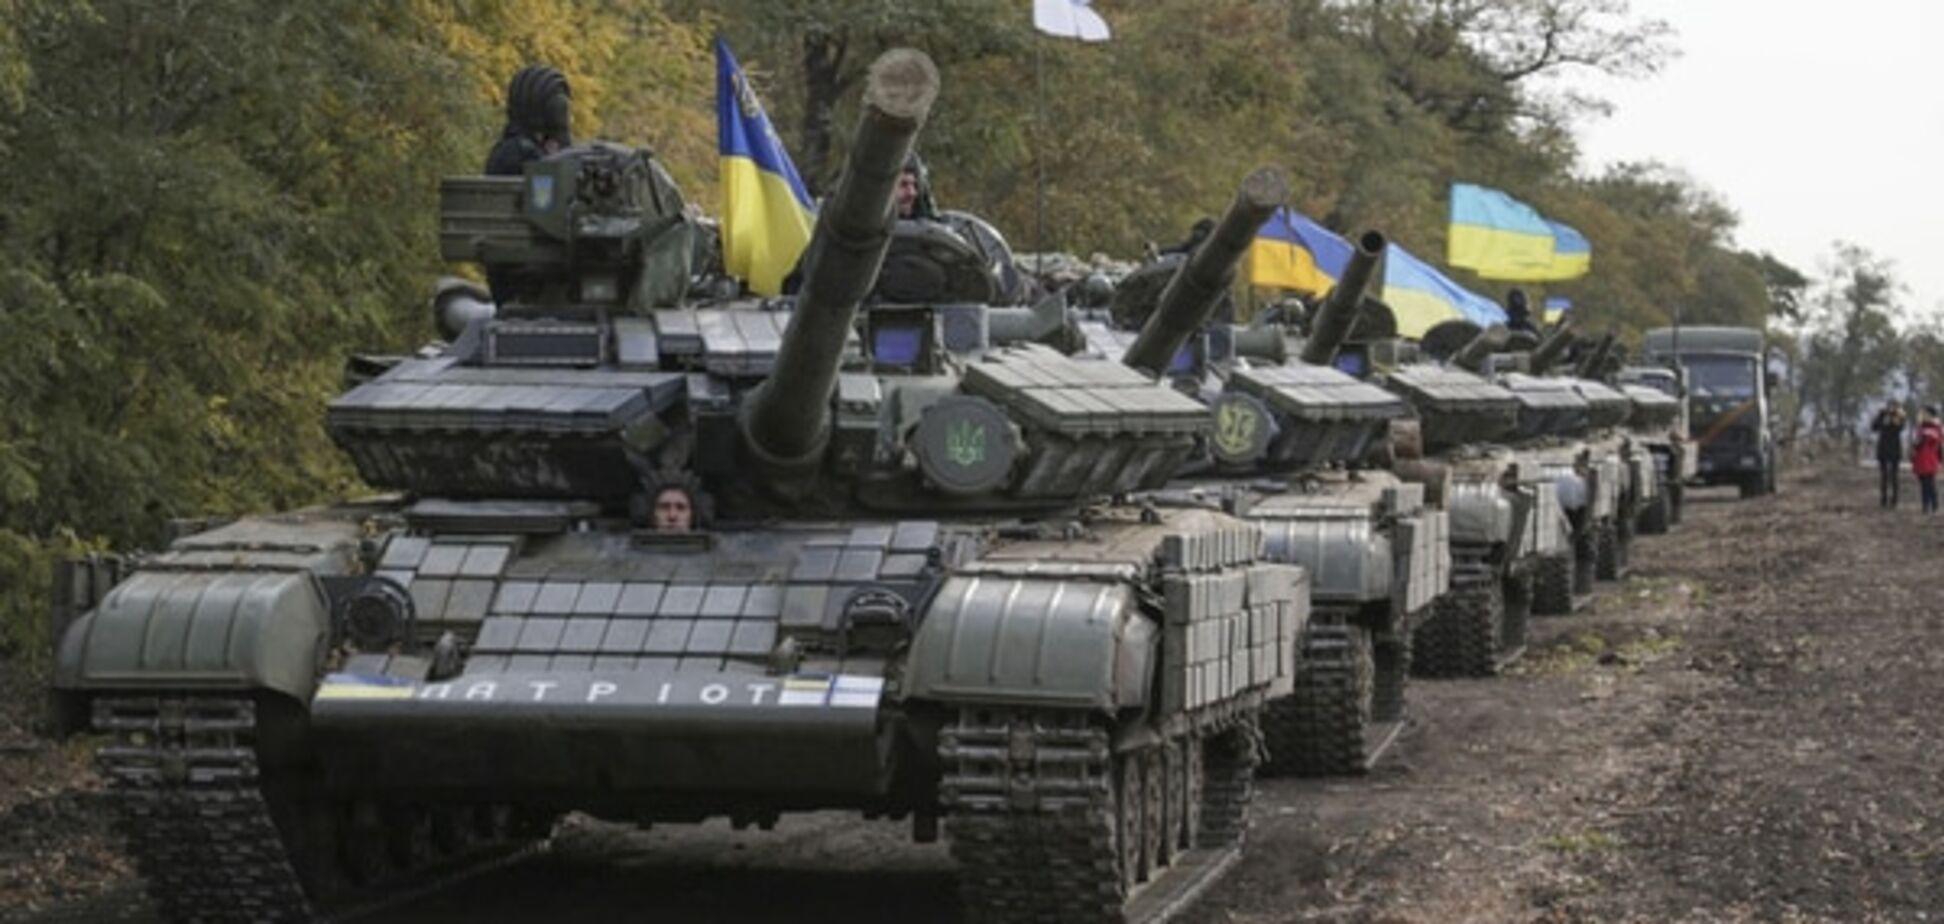 Ситуація в зоні АТО: військові укріплюють позиції і починають відведення артилерії